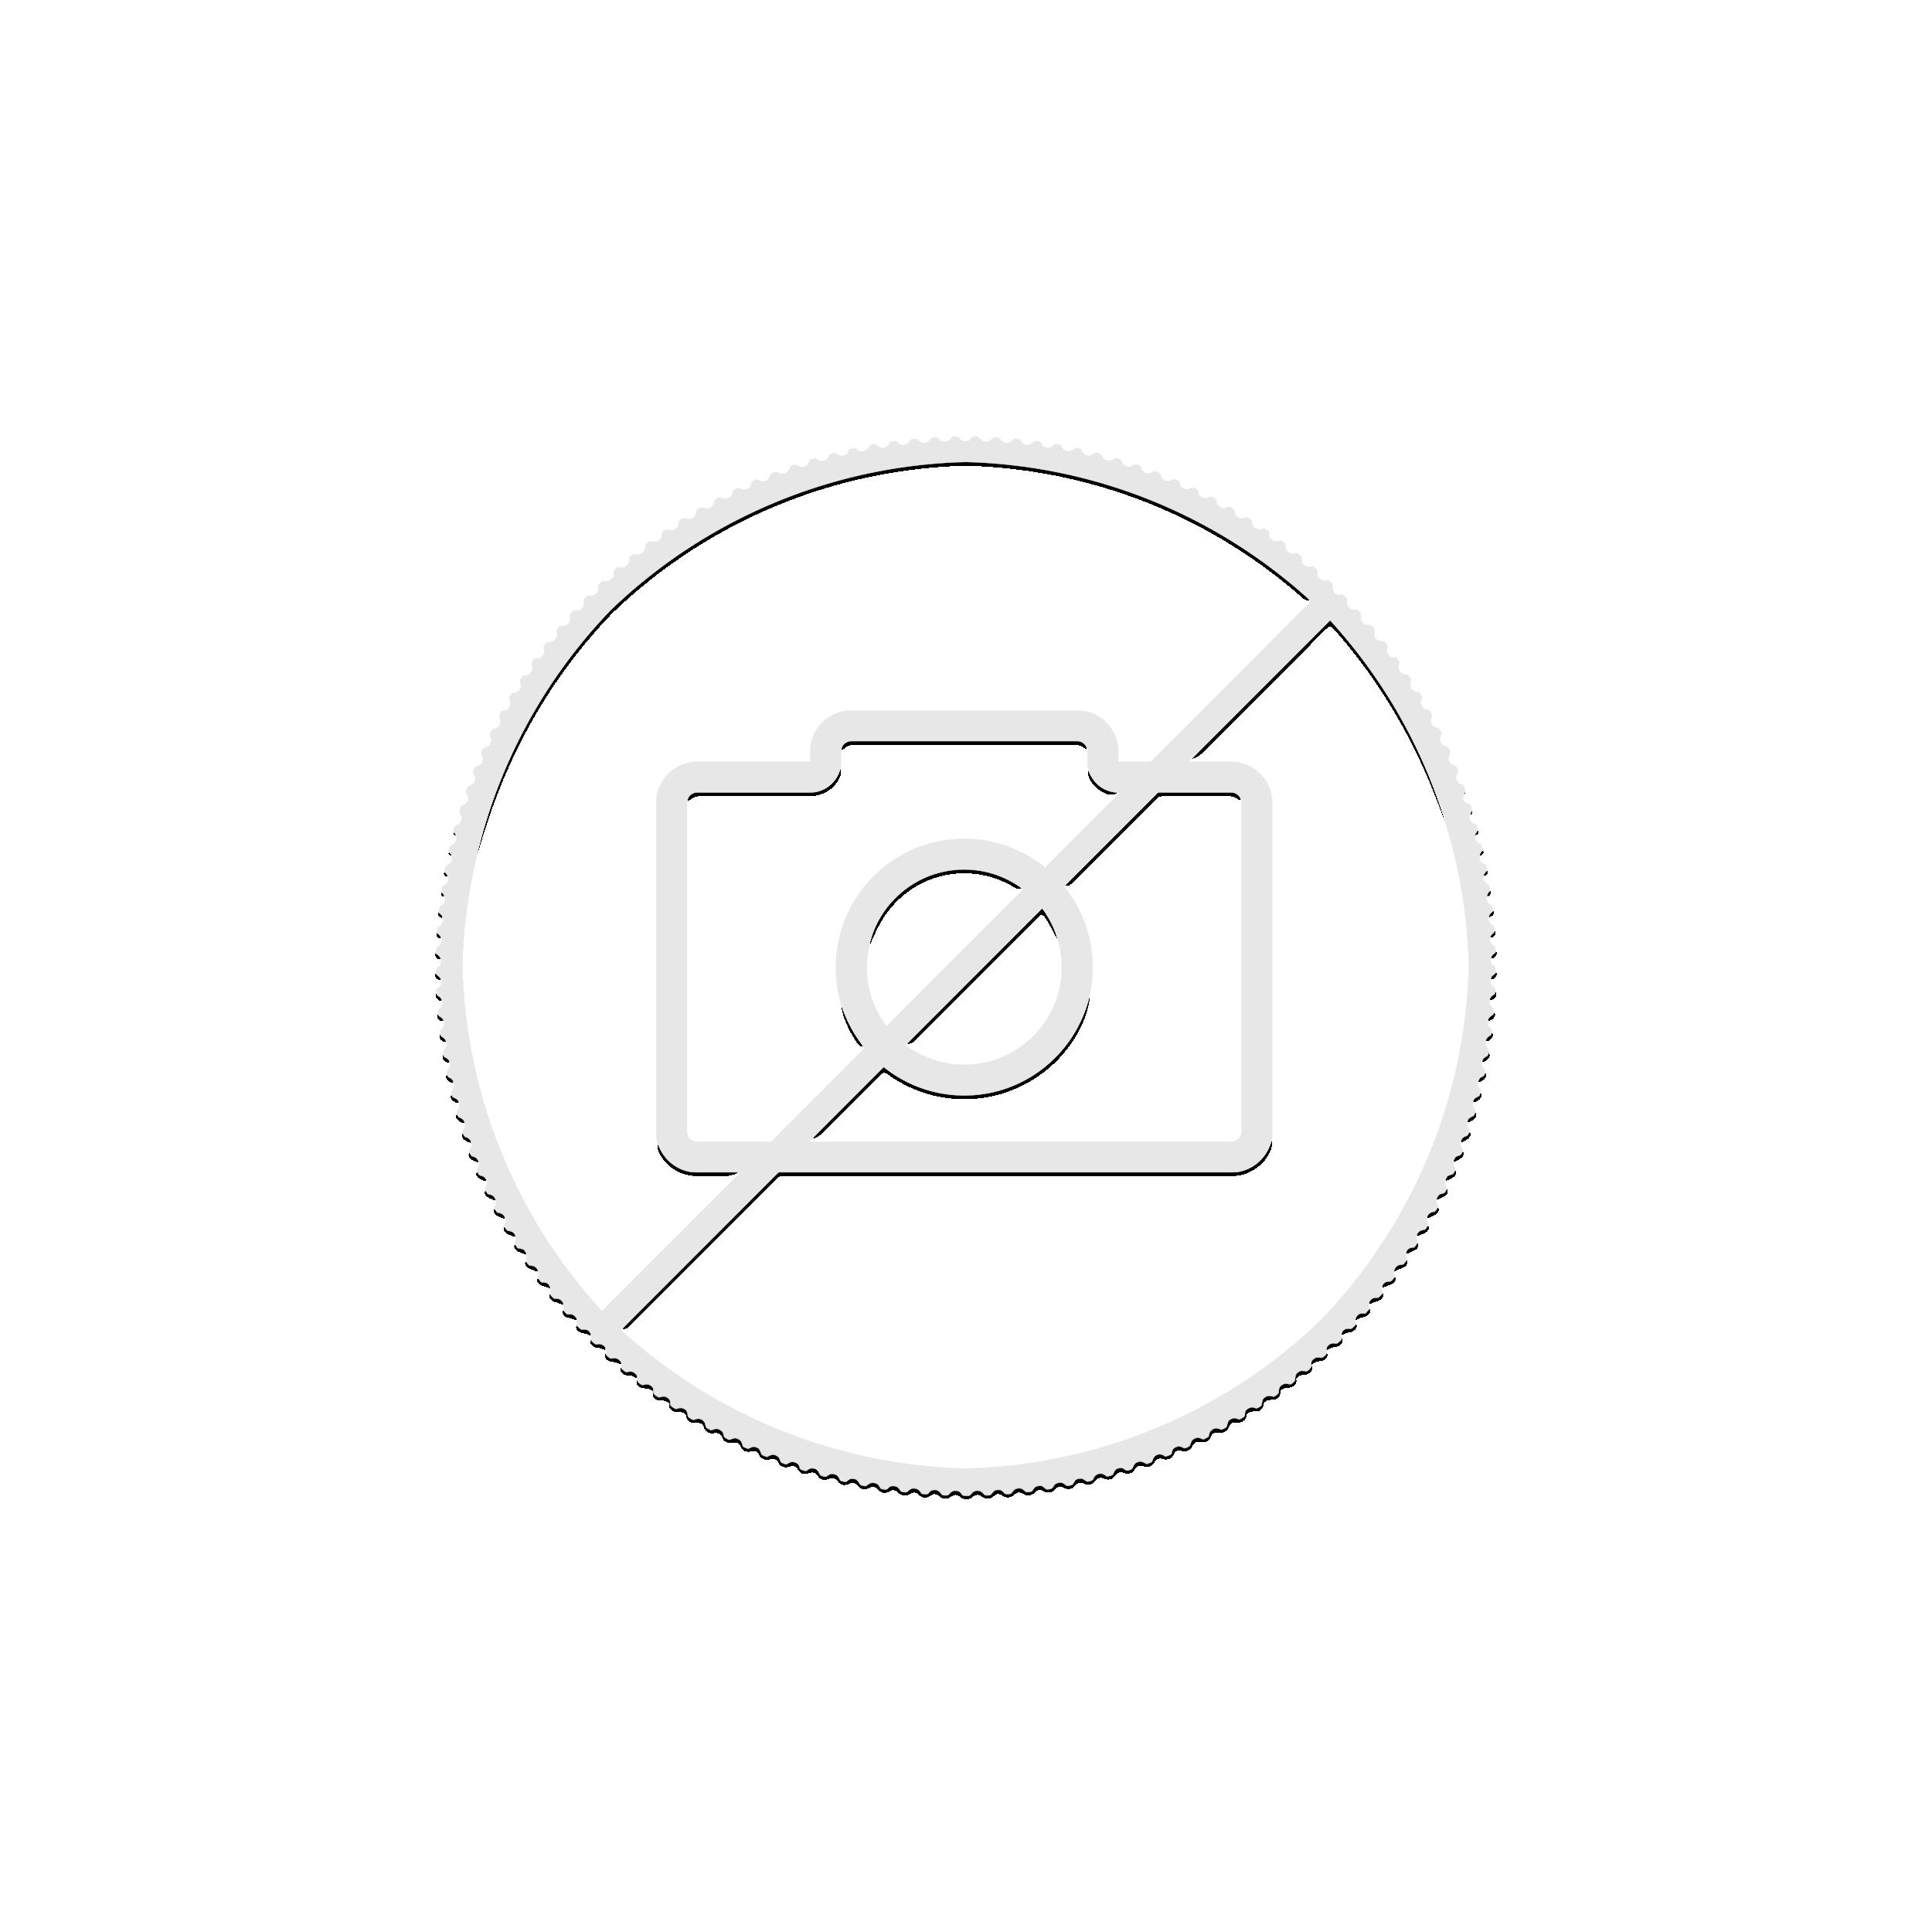 Lunar jaar van de tijger 2022 1/10 troy ounce gouden munt Proof